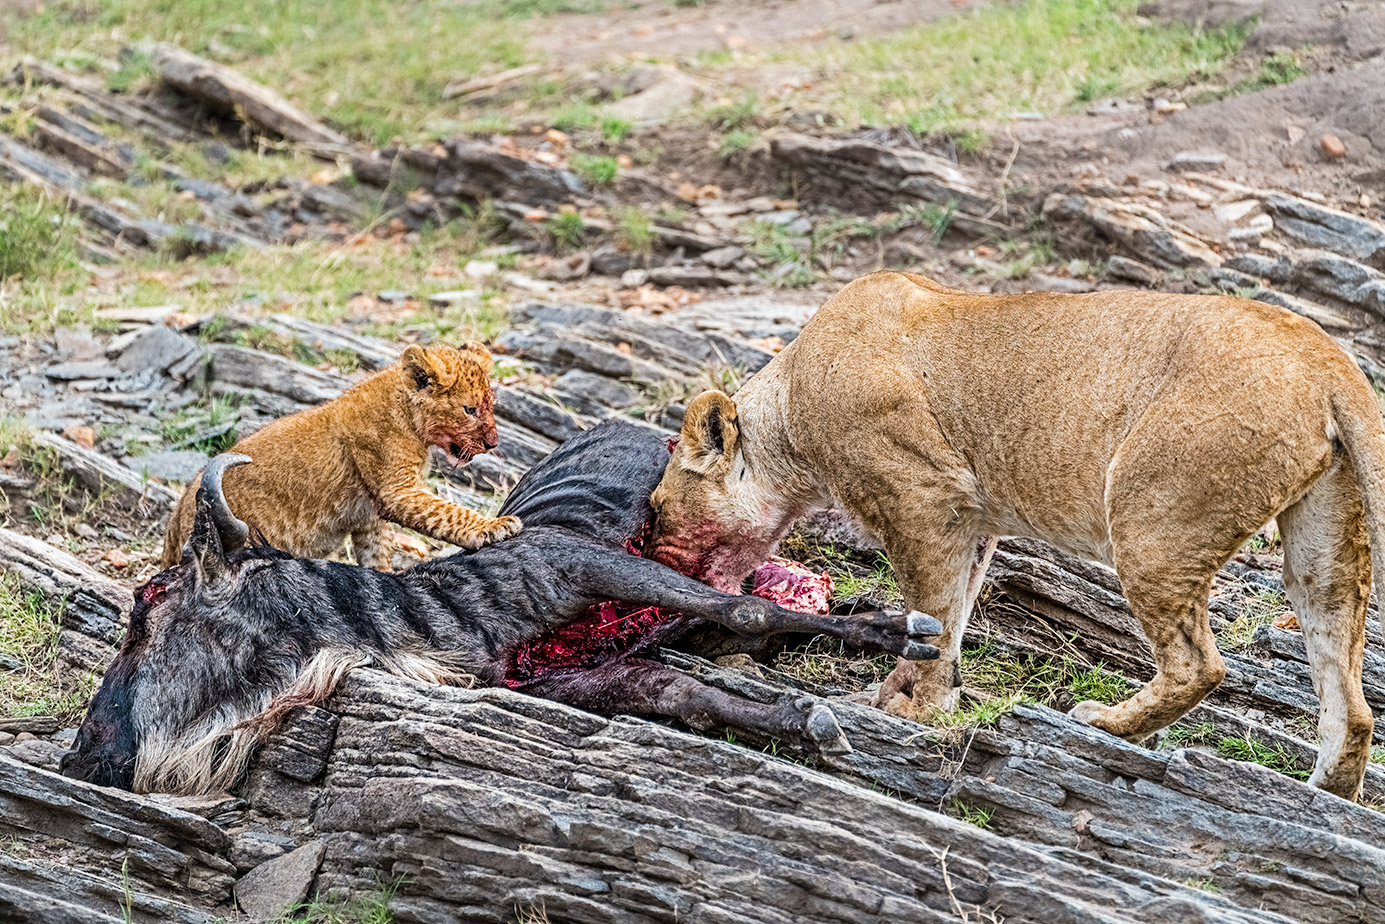 Löwin und Baby fressen ein Gnu auf einer Fotoreise in Kenias Massai Mara.